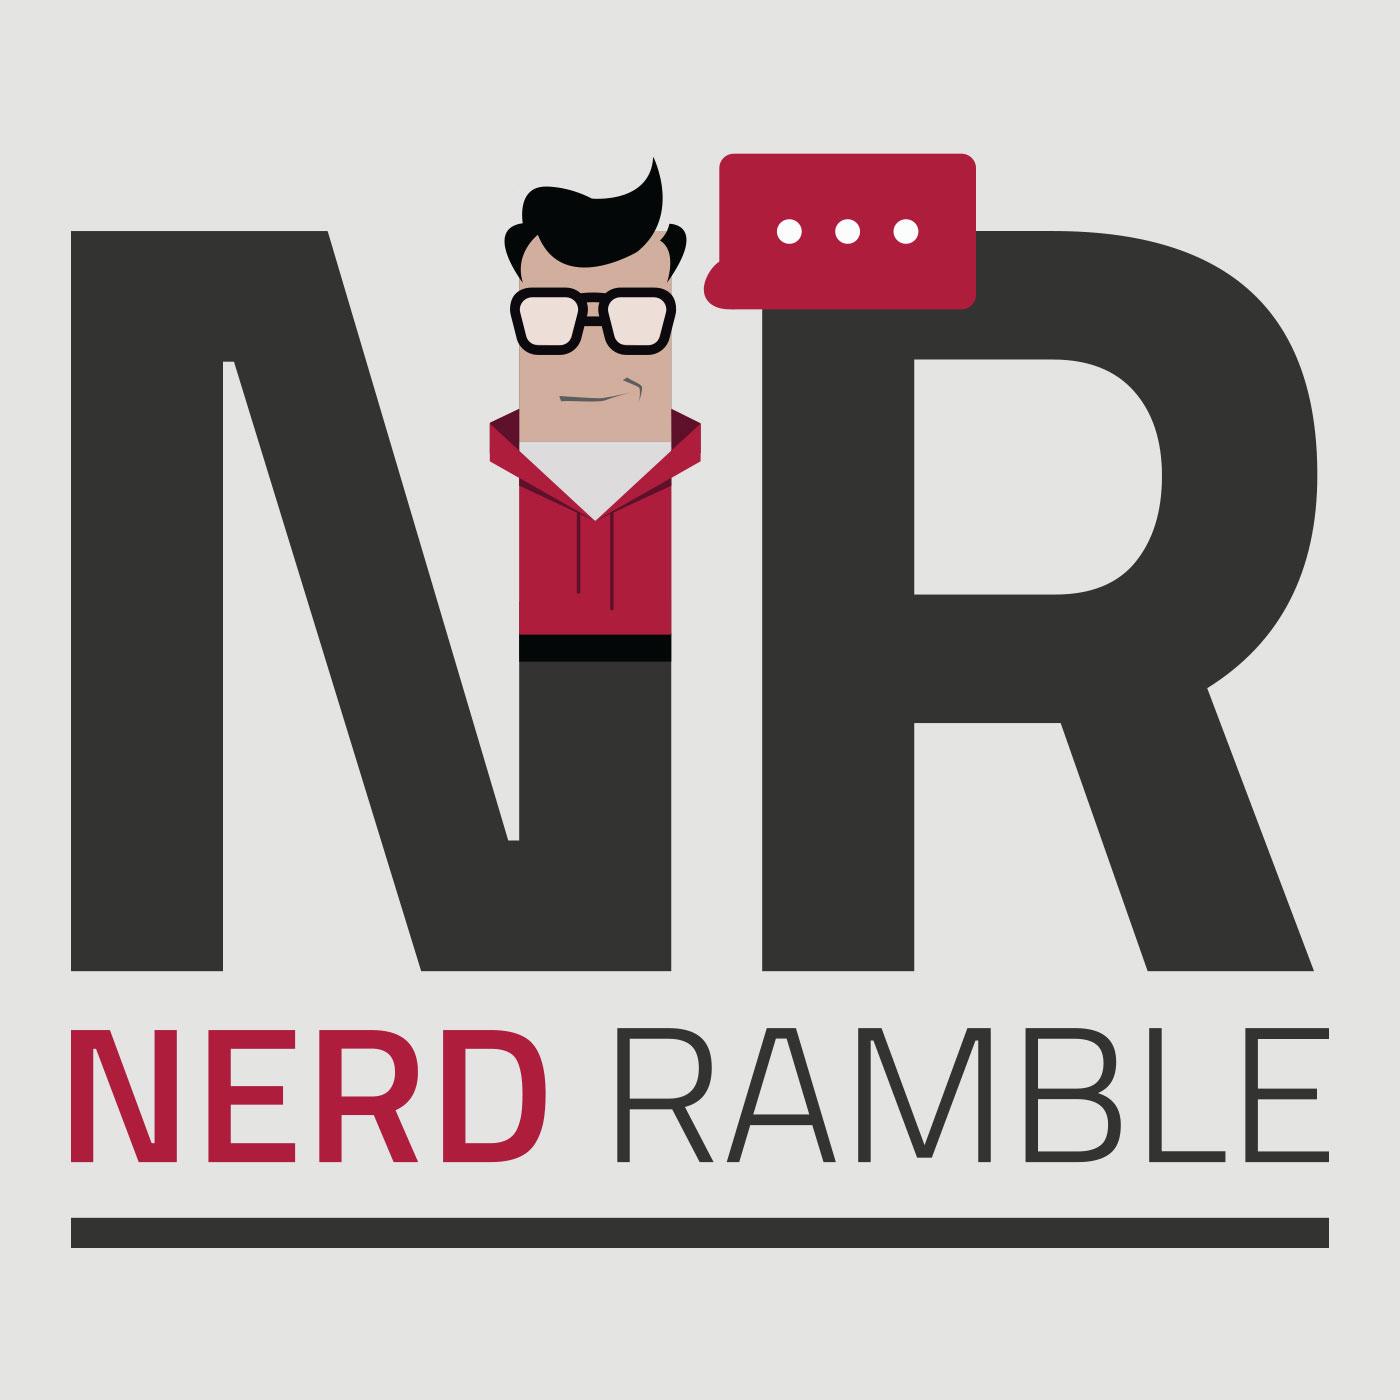 Nerd Ramble